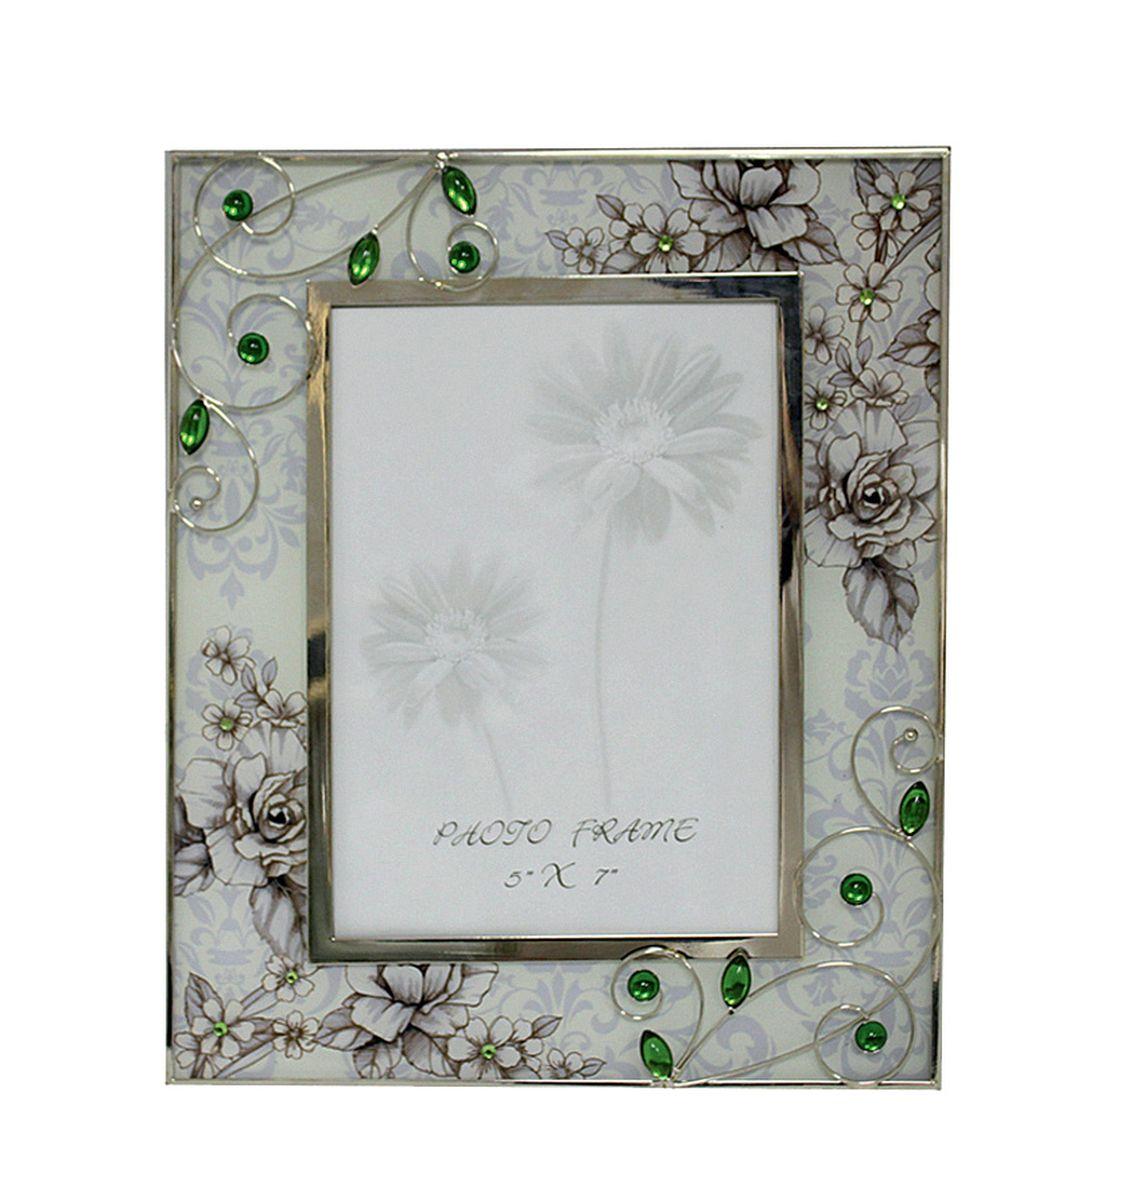 Фоторамка Jardin dEte Благородный изумруд, 21,7 х 26 смHS-25840Acталь, стекло, для фото 13х18 см